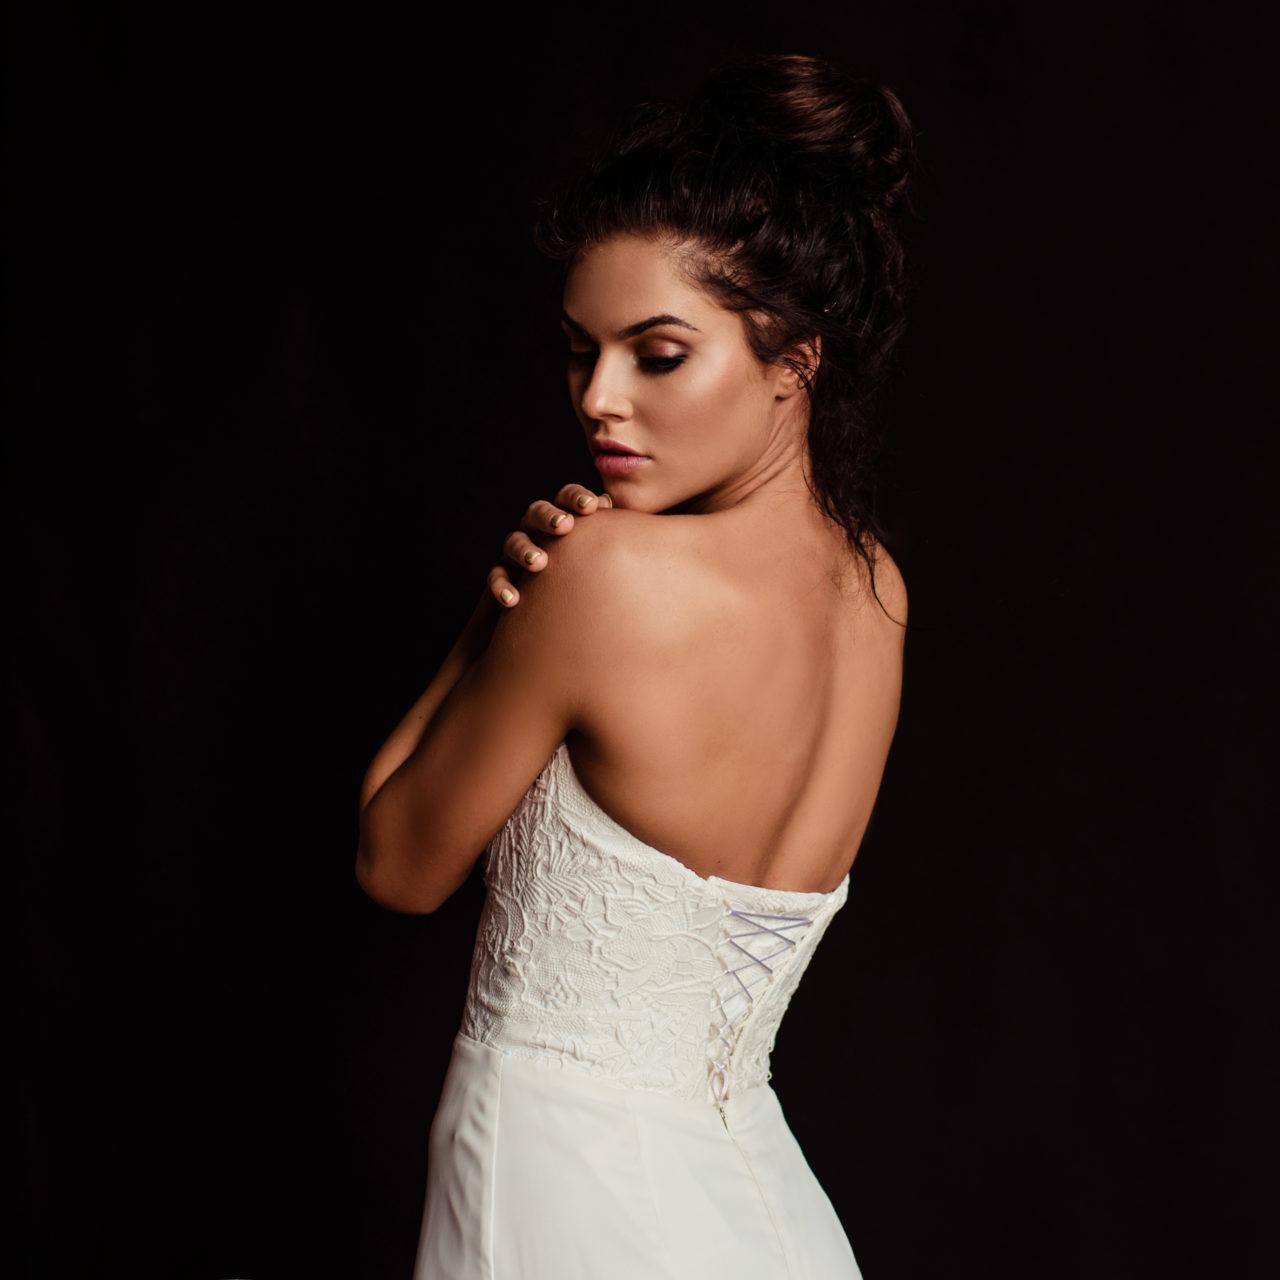 Свадебный образ для Алены от визажиста Аллы из салона красоты Персона в Мытищах